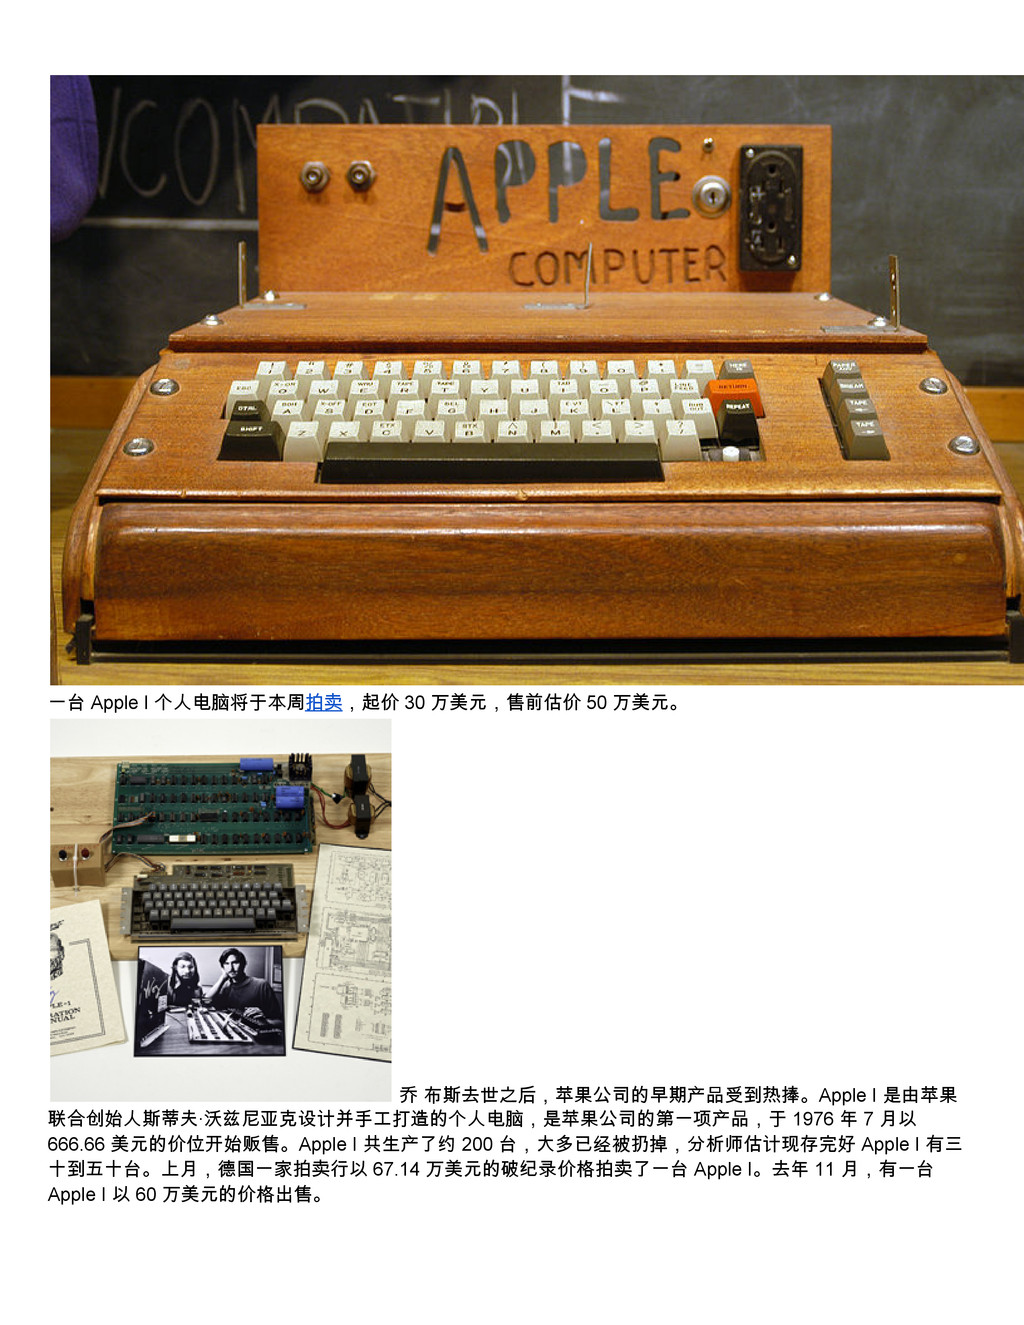 一台 Apple I 个人电脑将于本周拍卖,起价 30 万美元,售前估价 50 万美元。 乔 ...